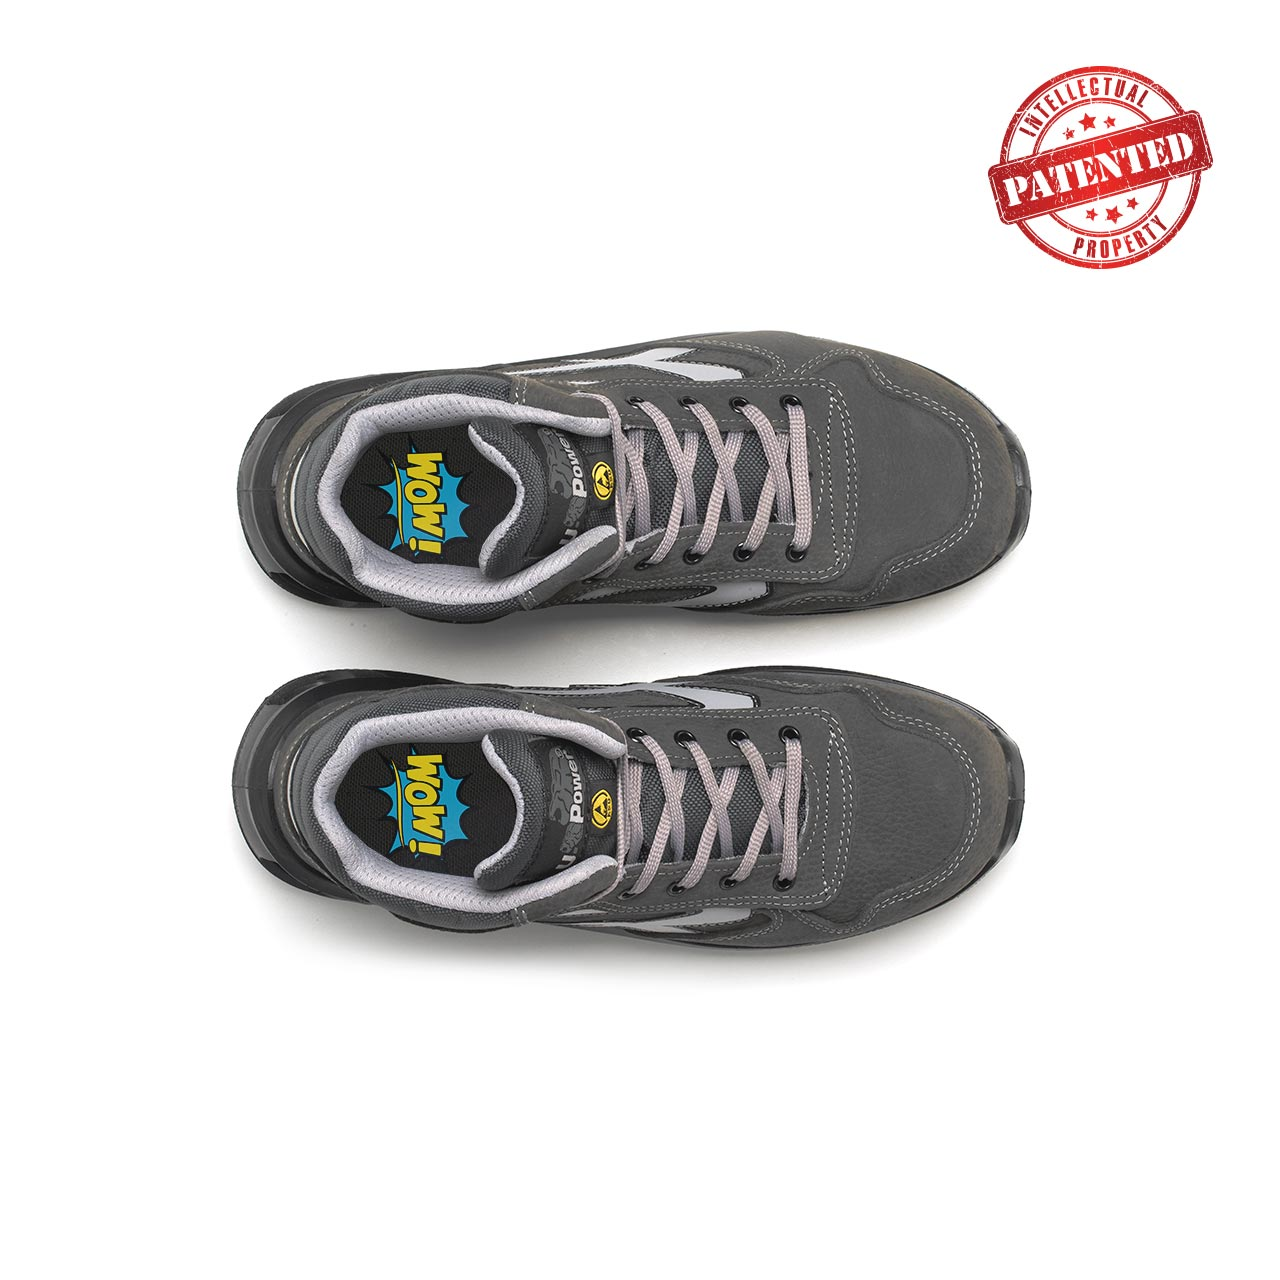 paio di scarpe antinfortunistiche alte upower modello infinity linea redlion vista top